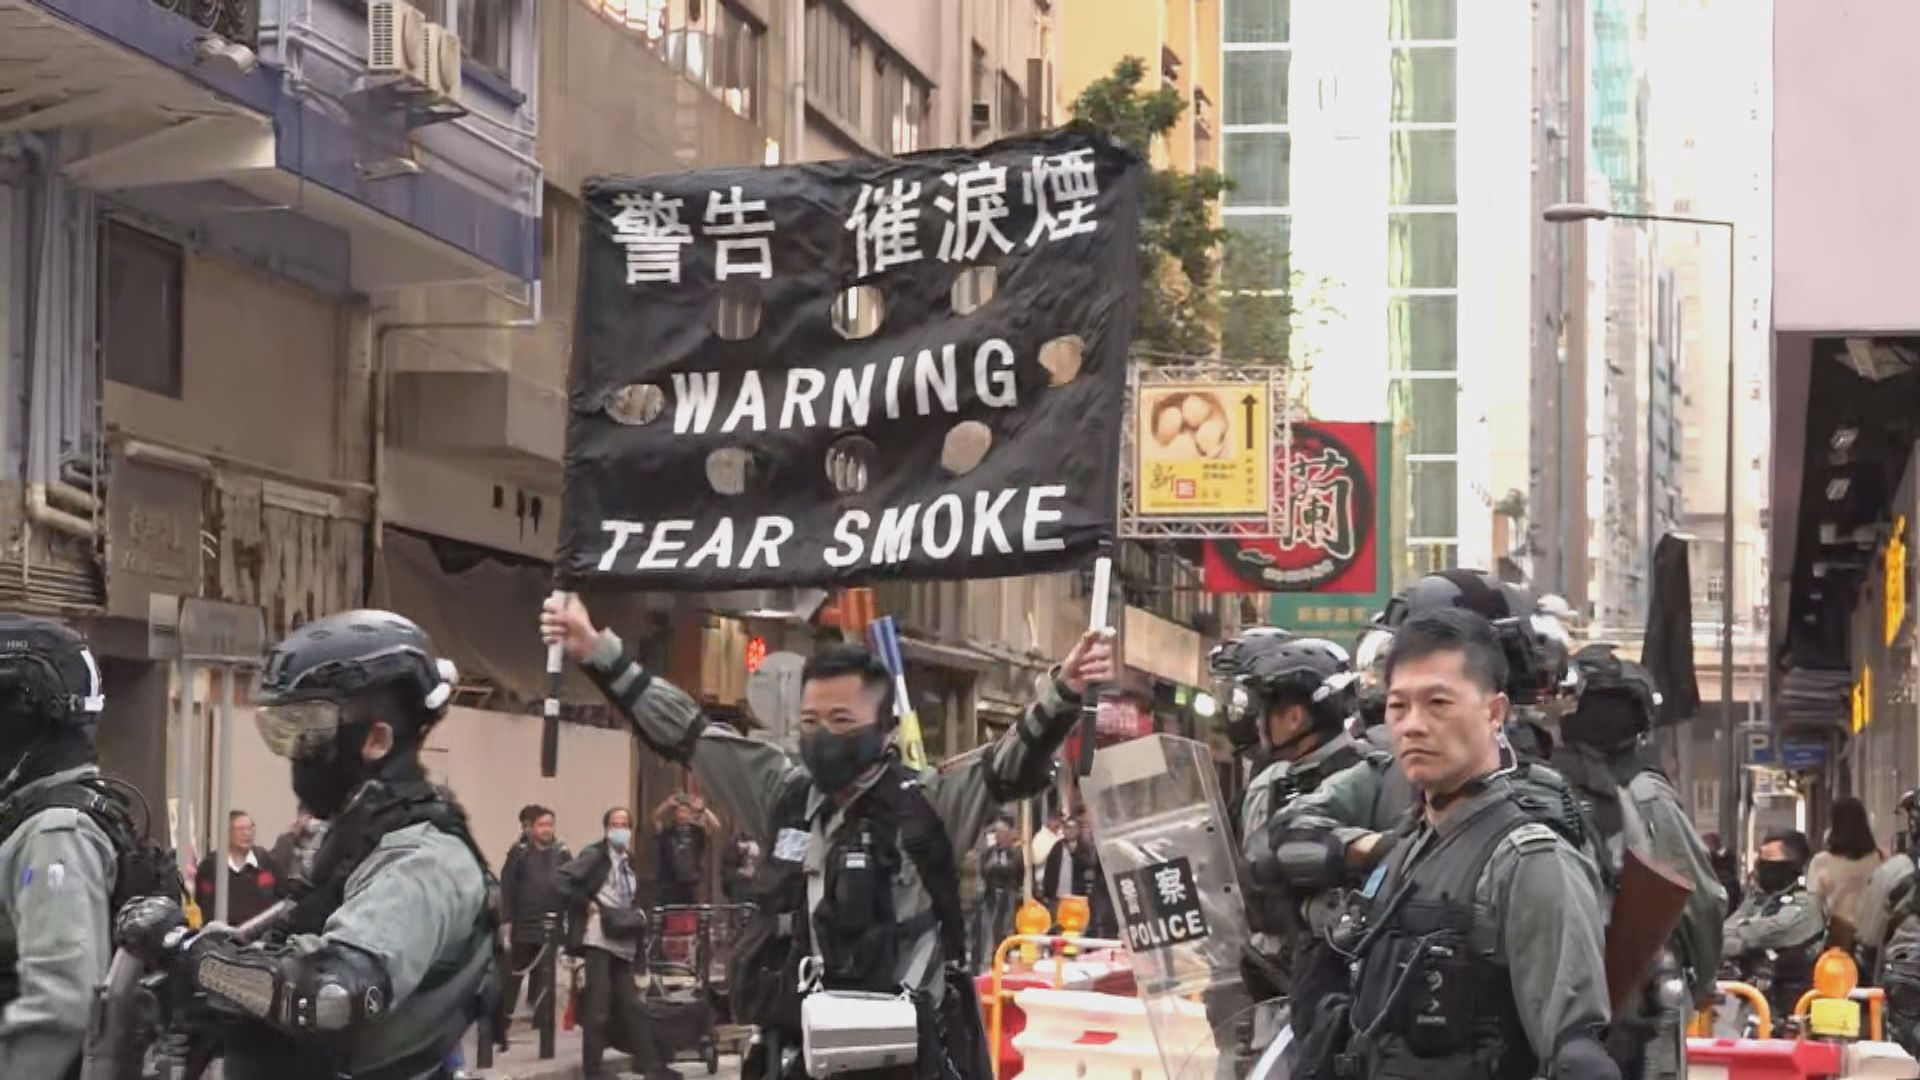 【現場報道】民陣下午遊行 波斯富街防暴警一度舉黑旗